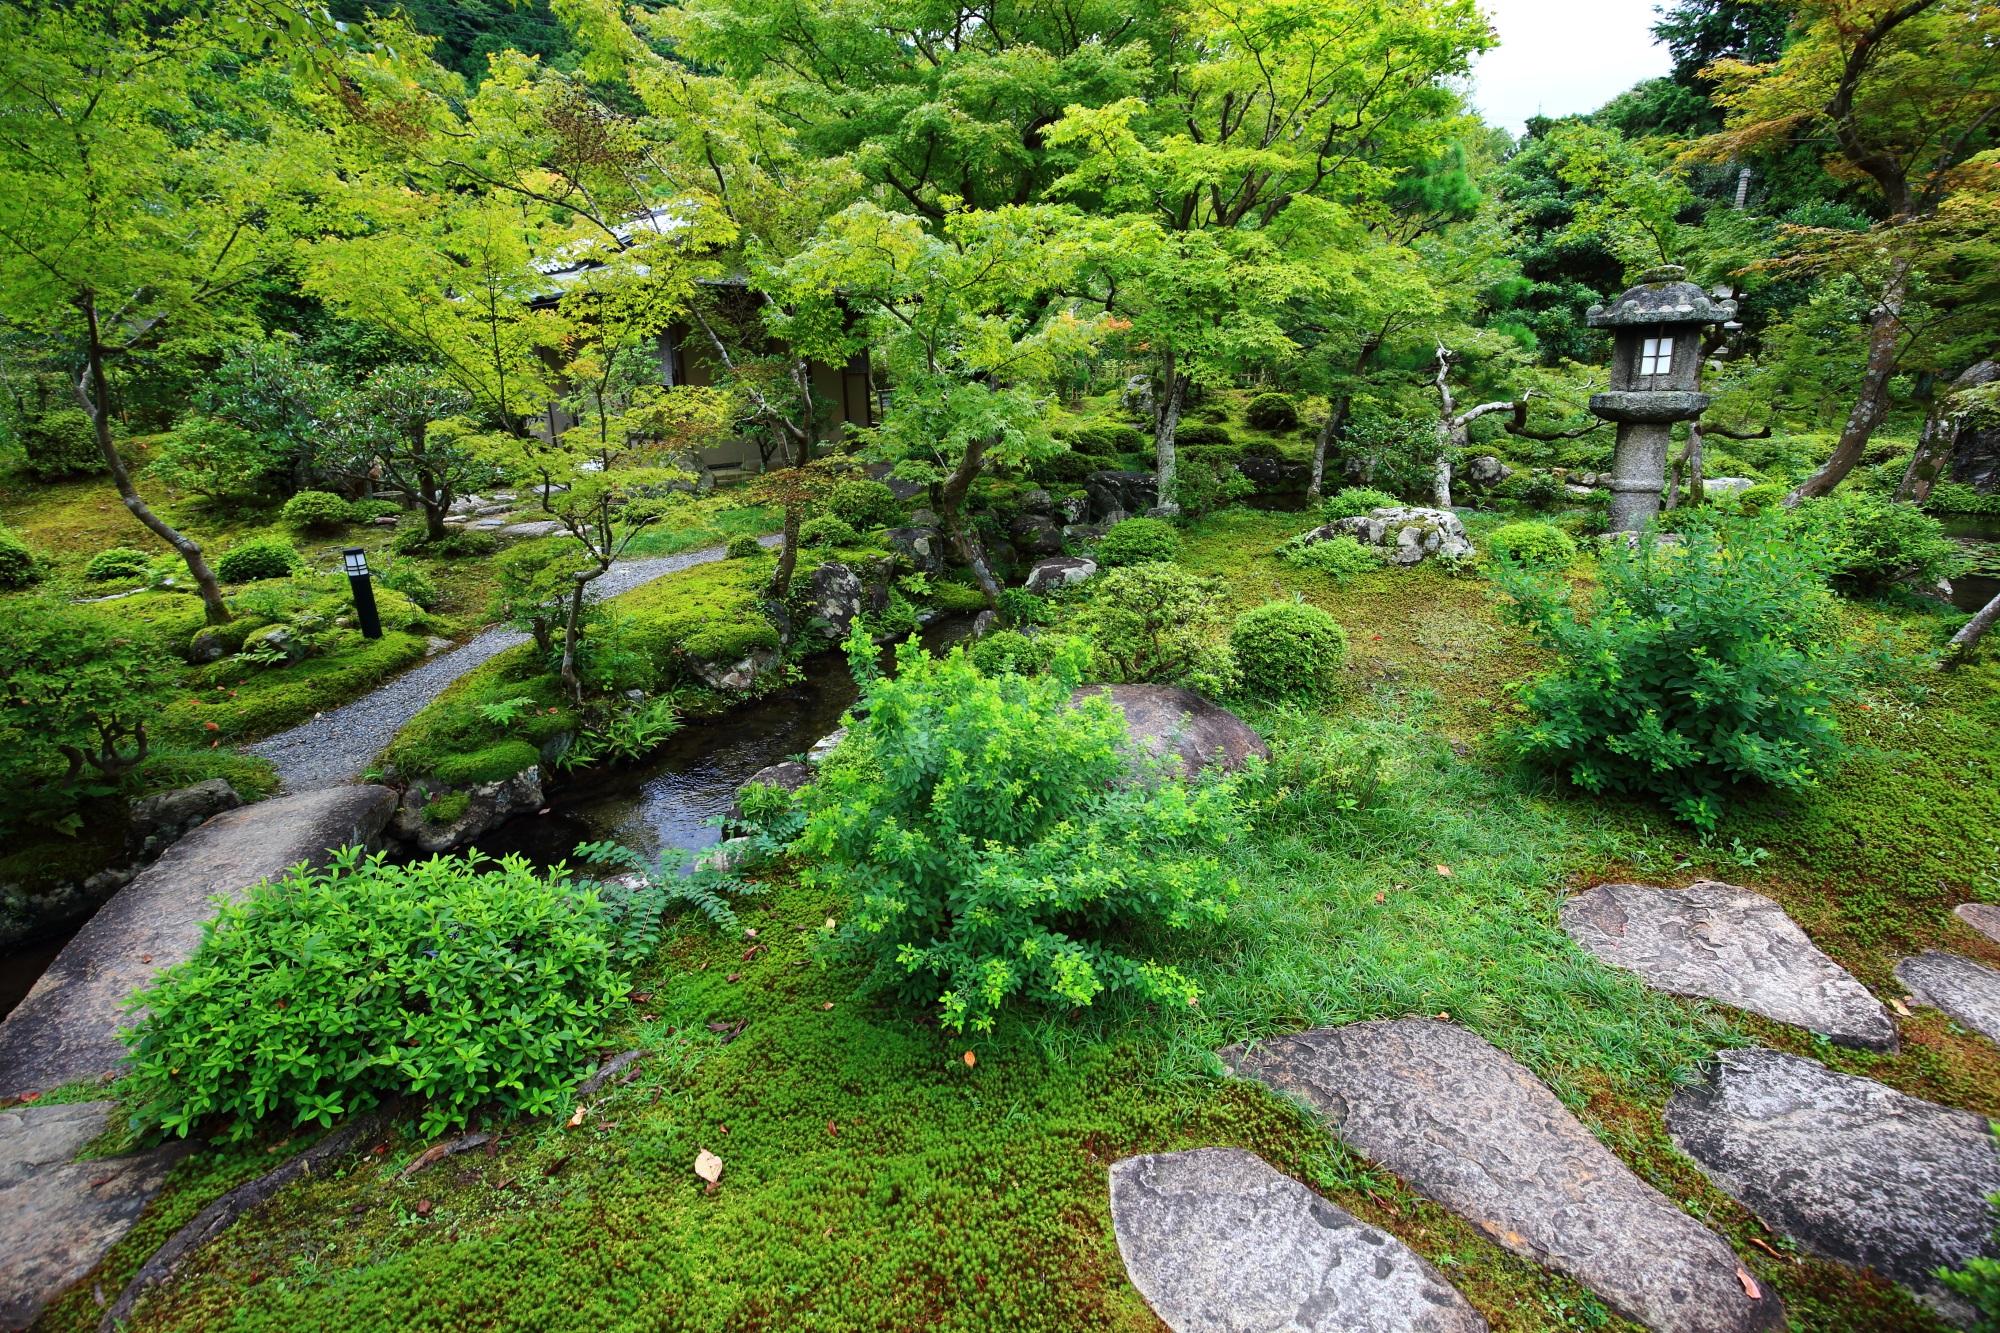 南禅寺だいねいけんの池泉回遊式庭園